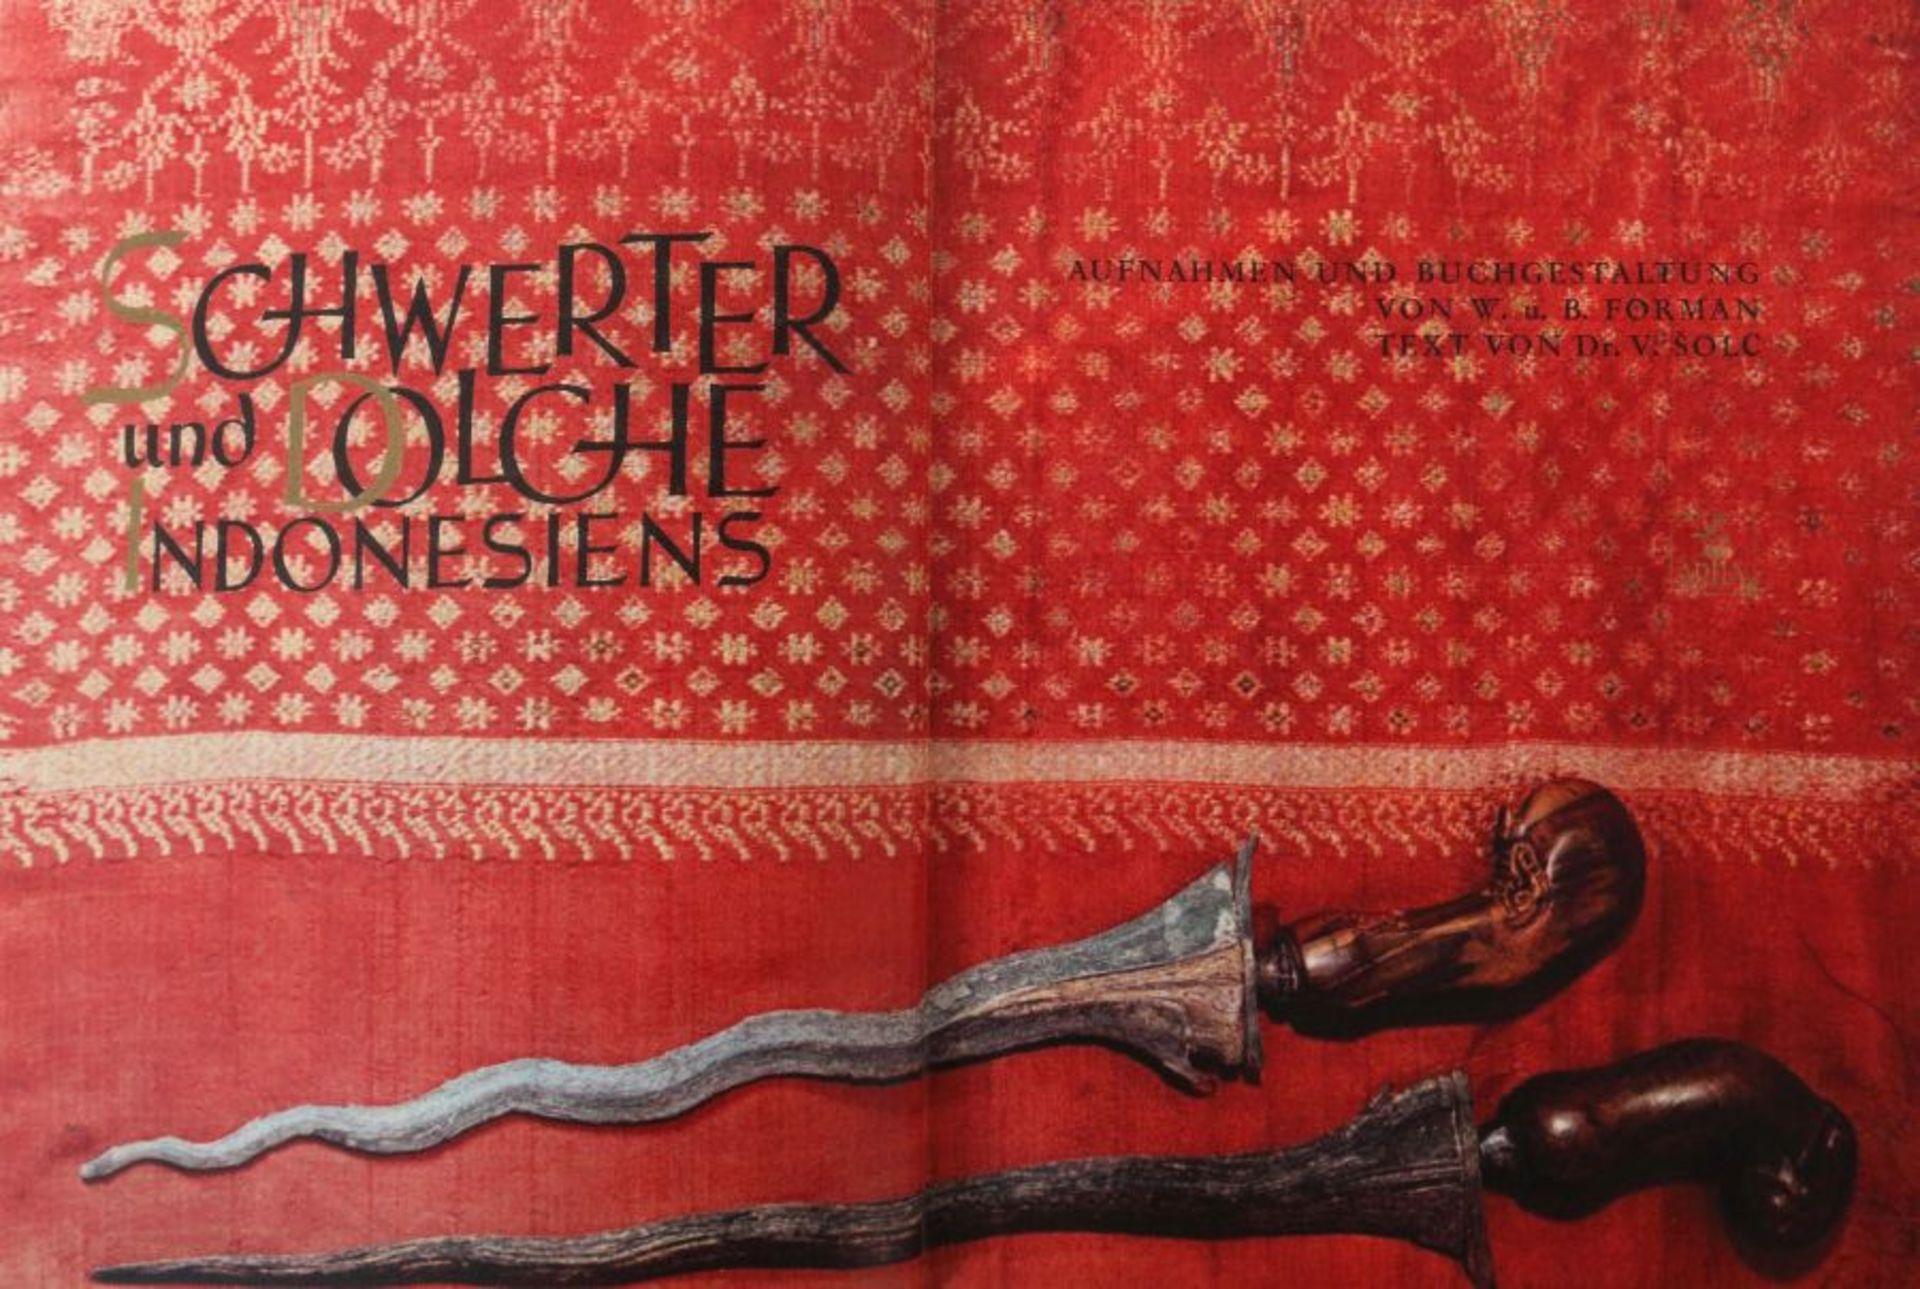 Schwerter und Dolche Indonesiens 1958, Artia Verlag Prag, von V. Solc, mit einigen Zeichnungen und - Bild 2 aus 2